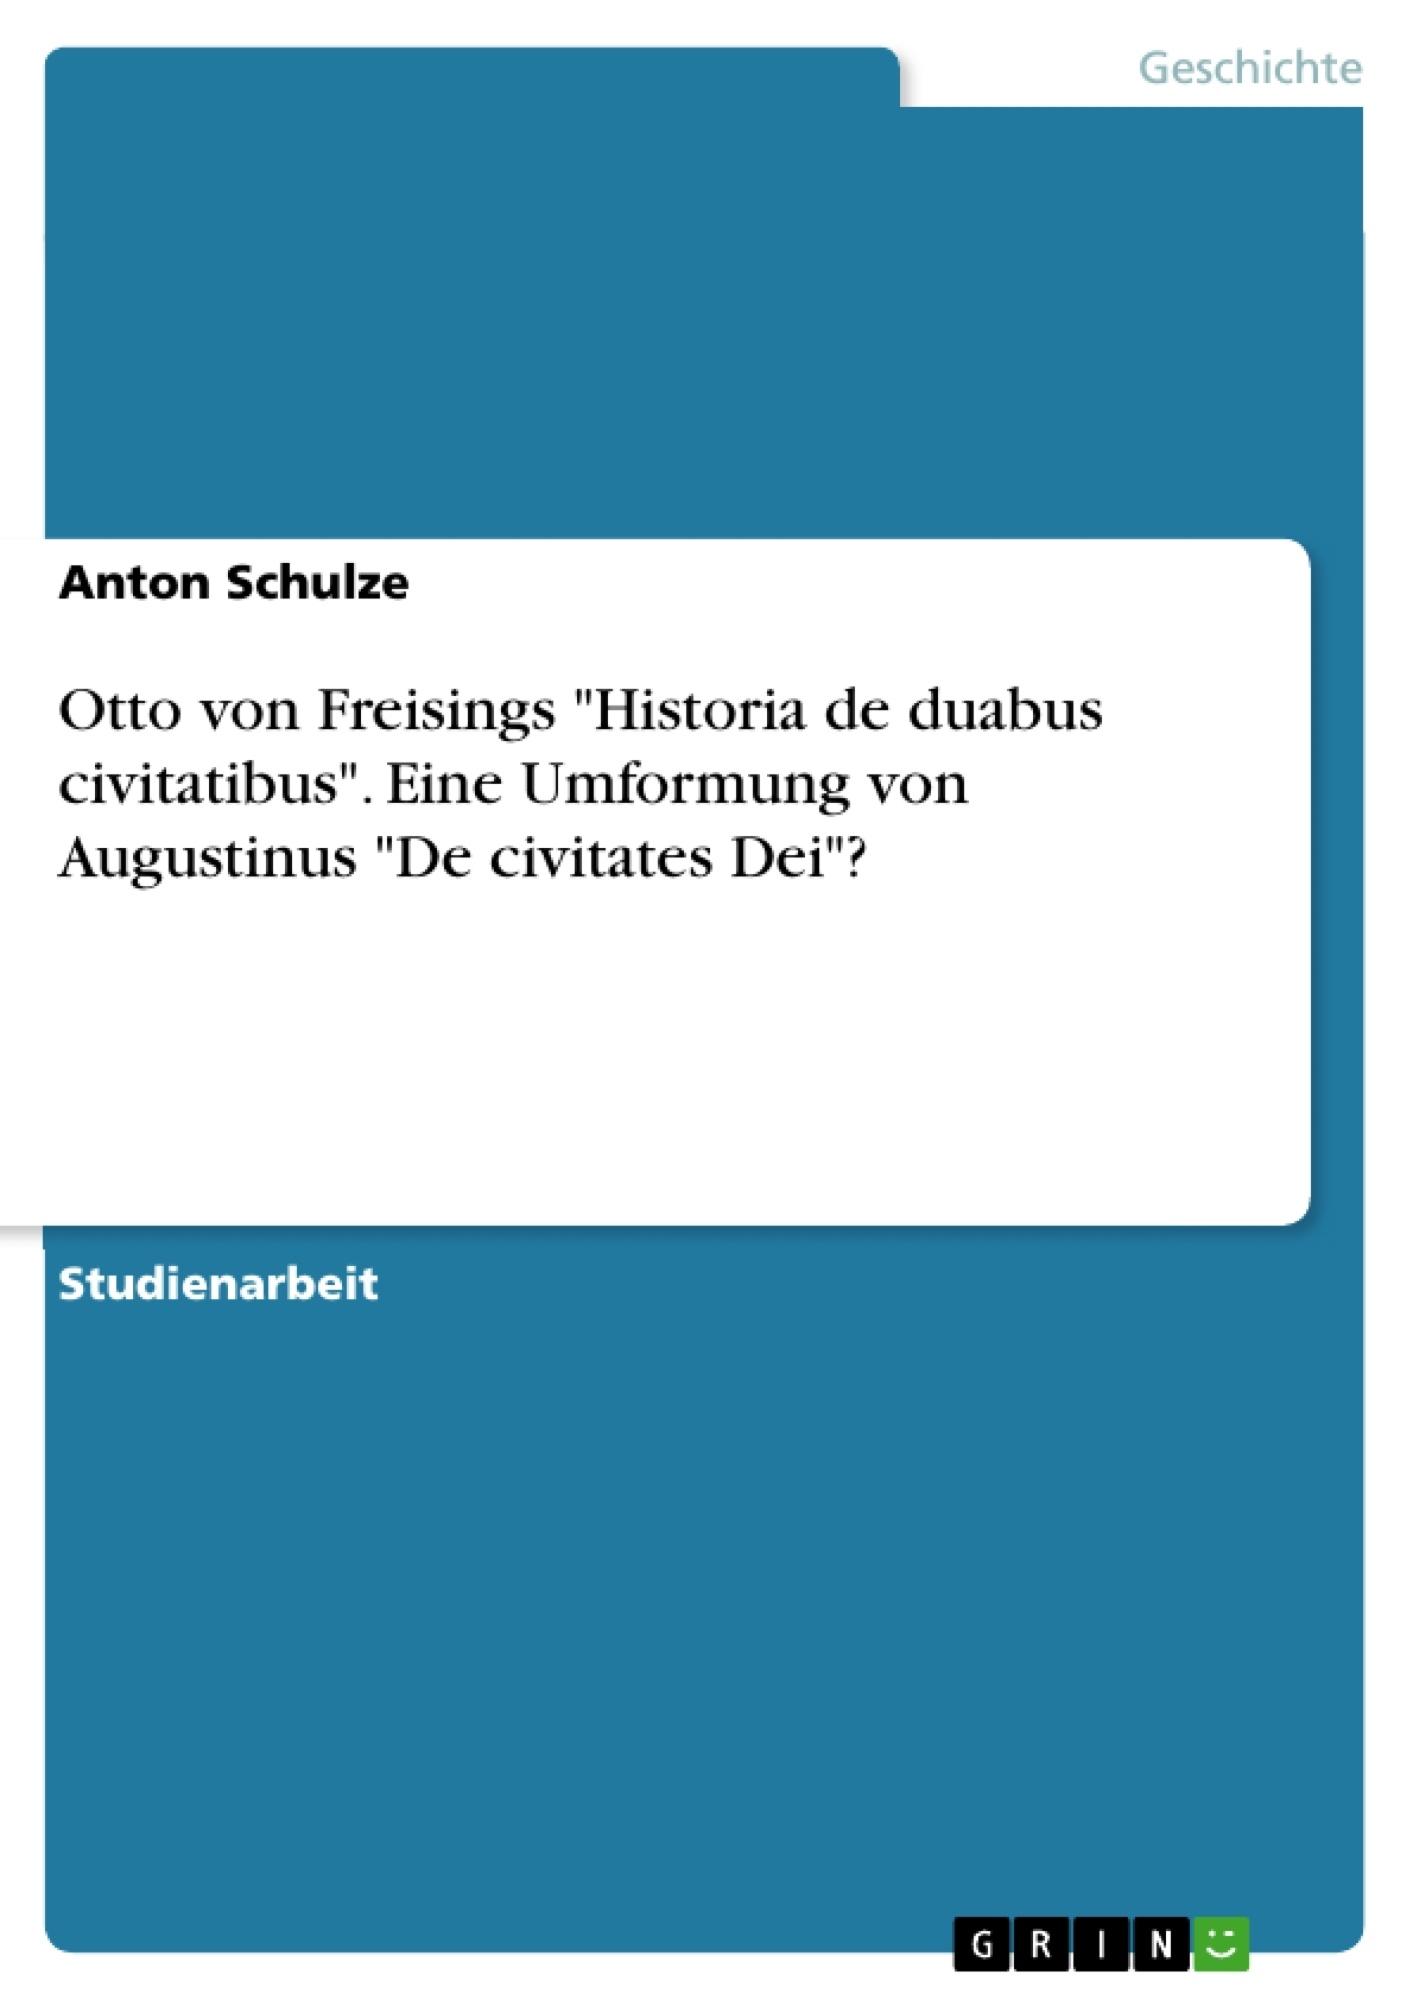 """Titel: Otto von Freisings """"Historia de duabus civitatibus"""". Eine Umformung von Augustinus """"De civitates Dei""""?"""